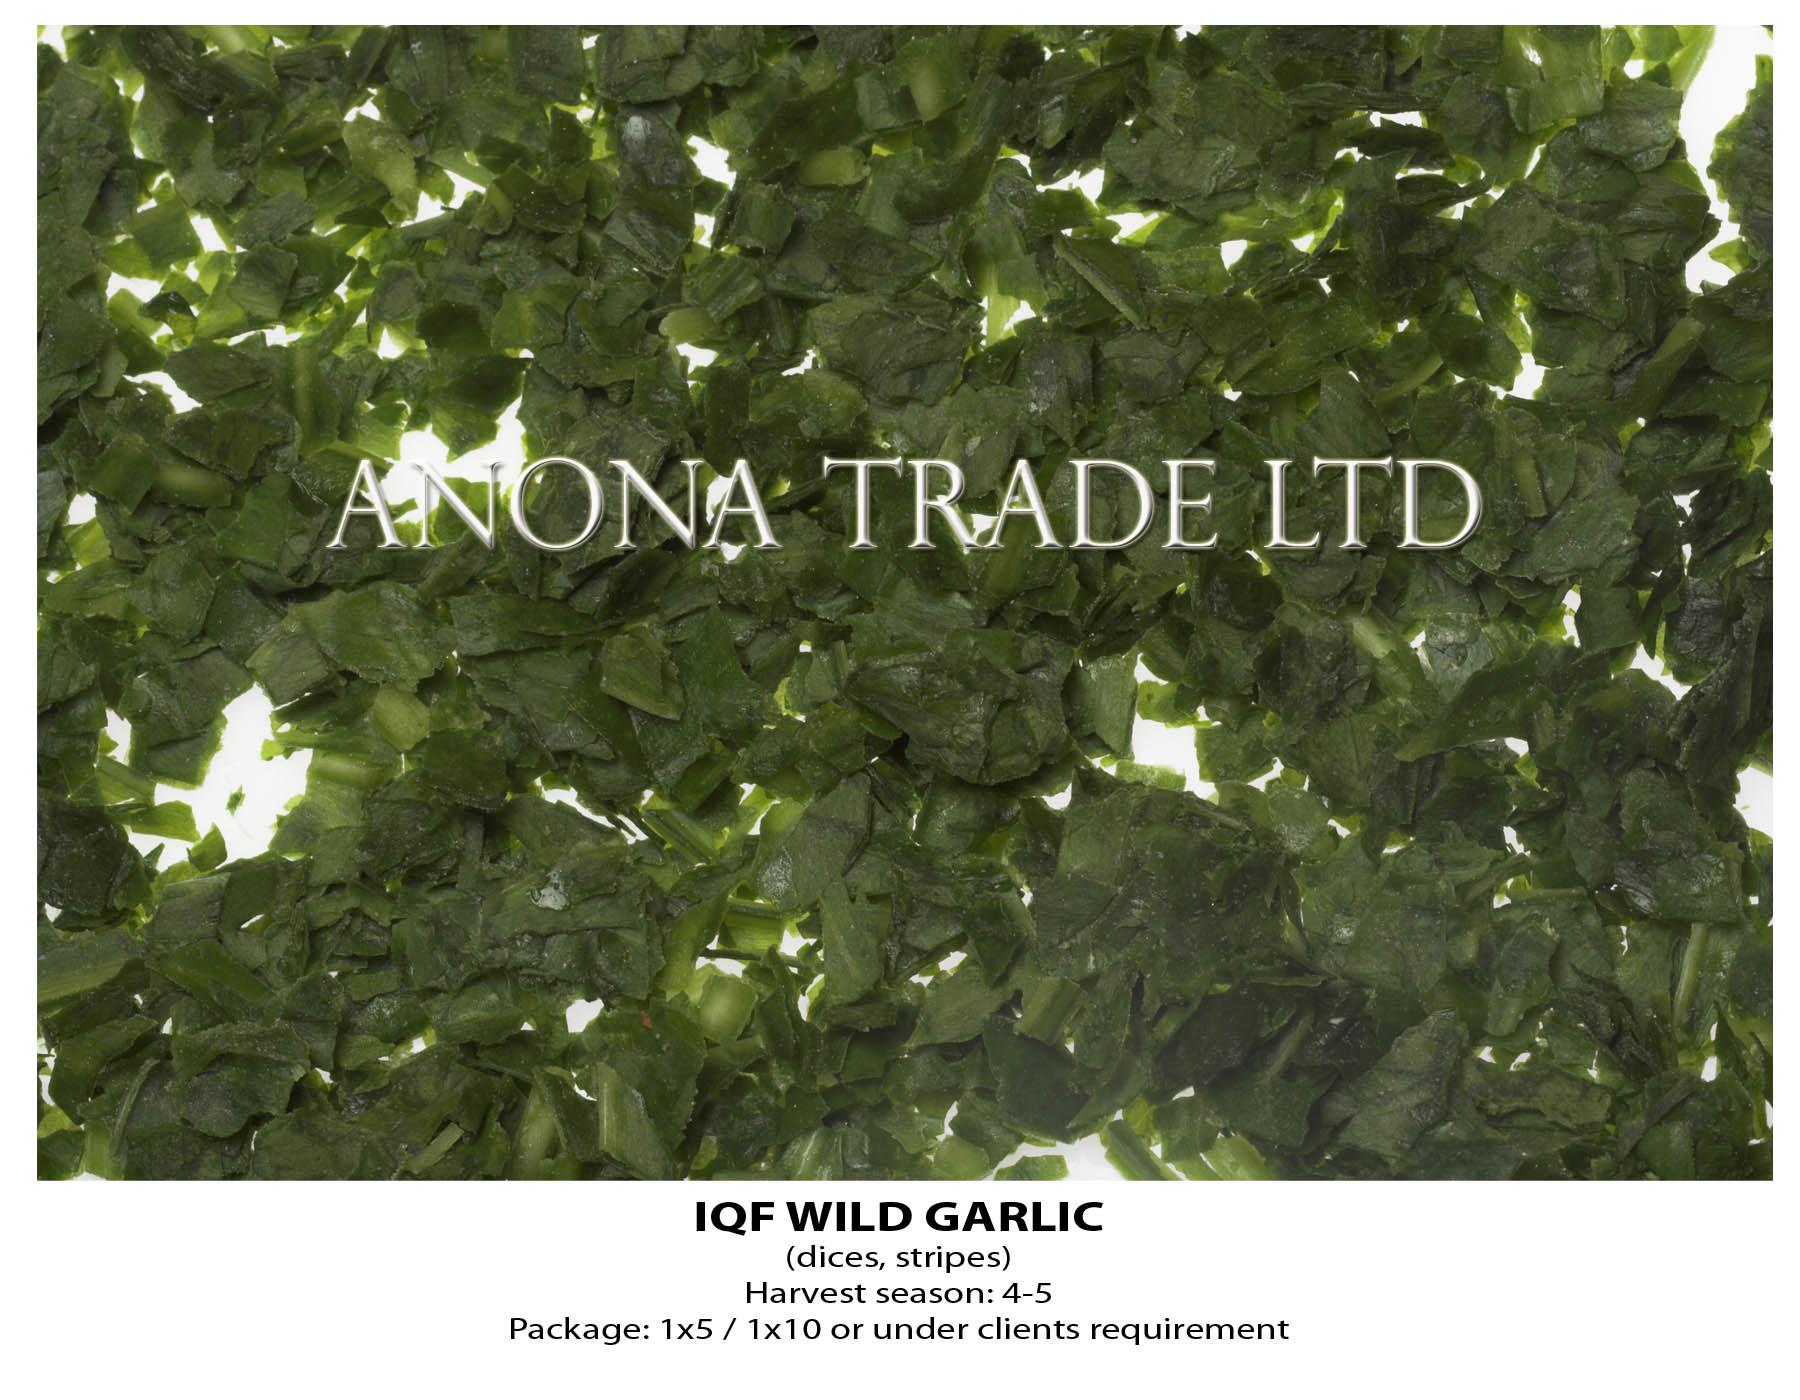 http://anona.bg/wp-content/uploads/2014/07/wild-garlic.jpg